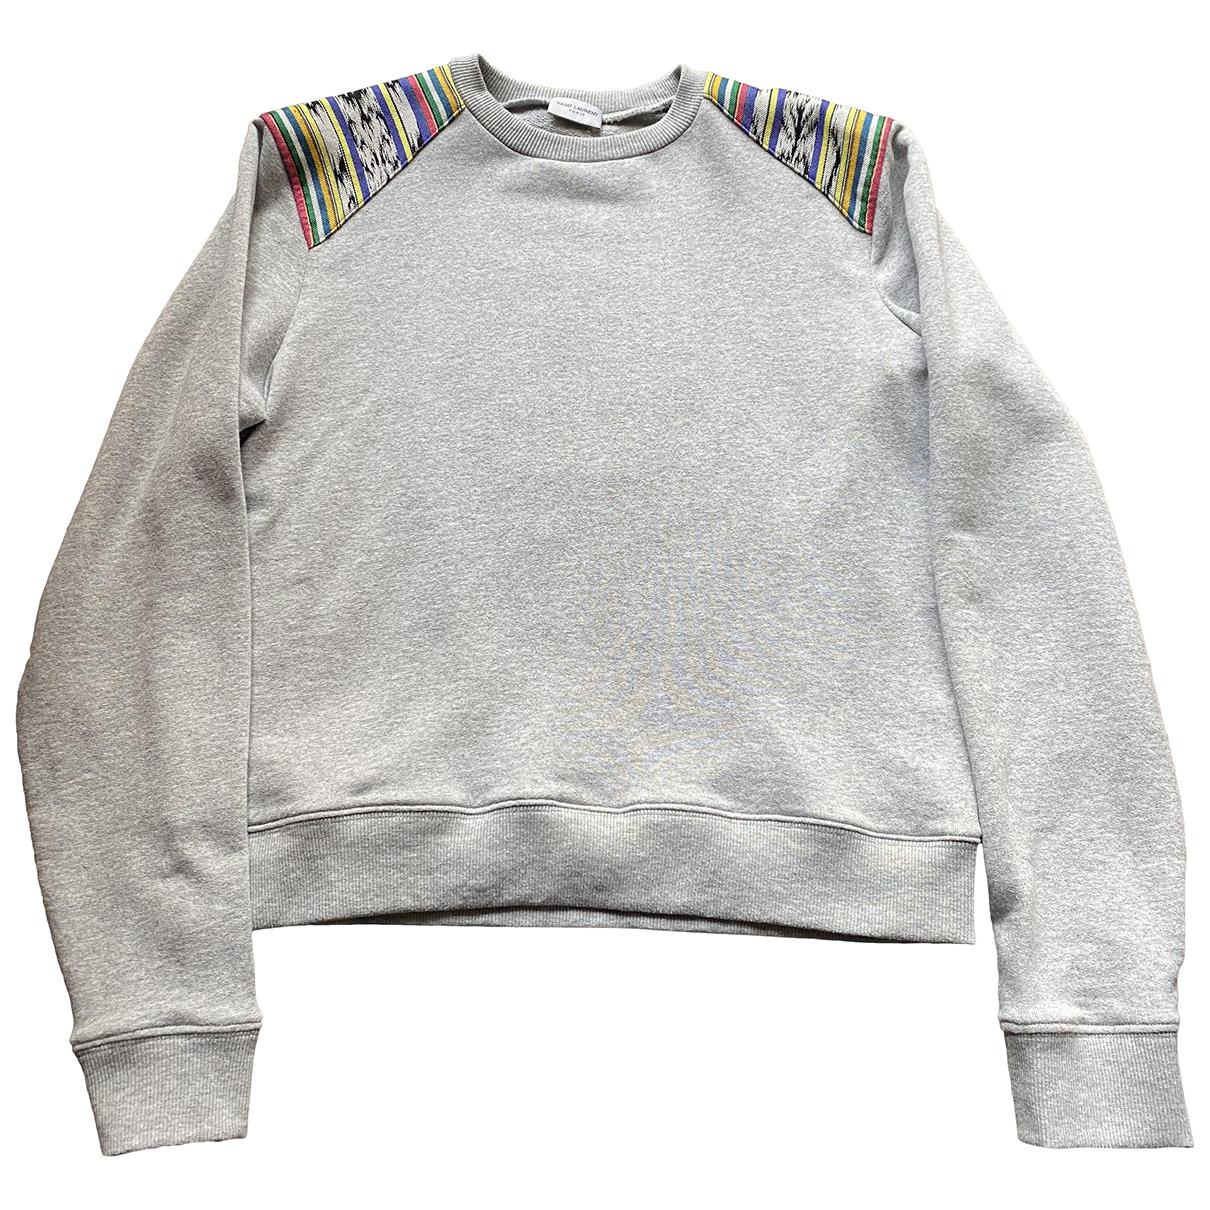 Saint Laurent N Grey Cotton  top for Women L International